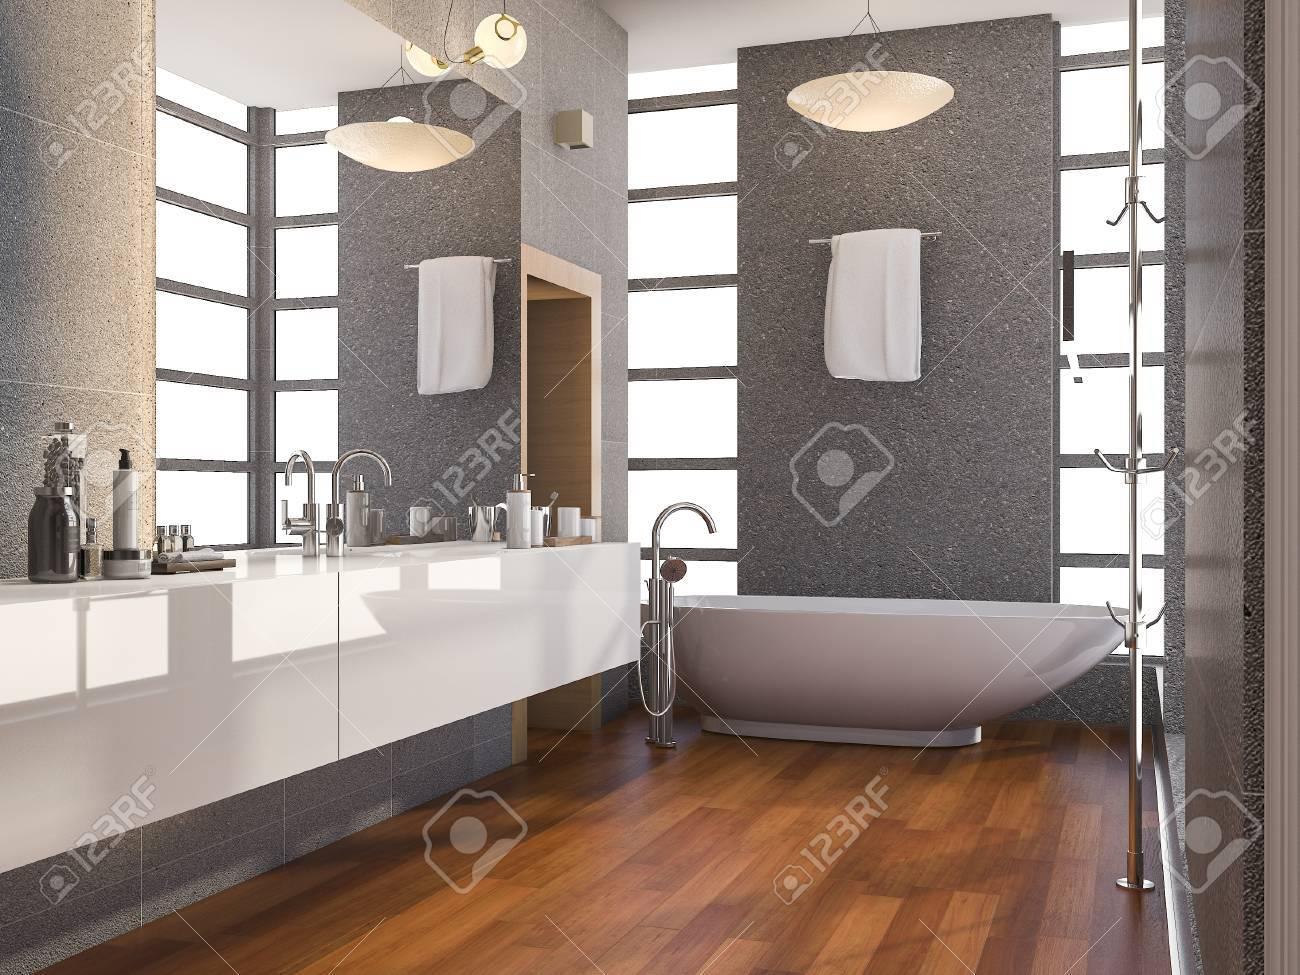 Cuarto De Baño Moderno De Madera De La Representación 3d Con La ...